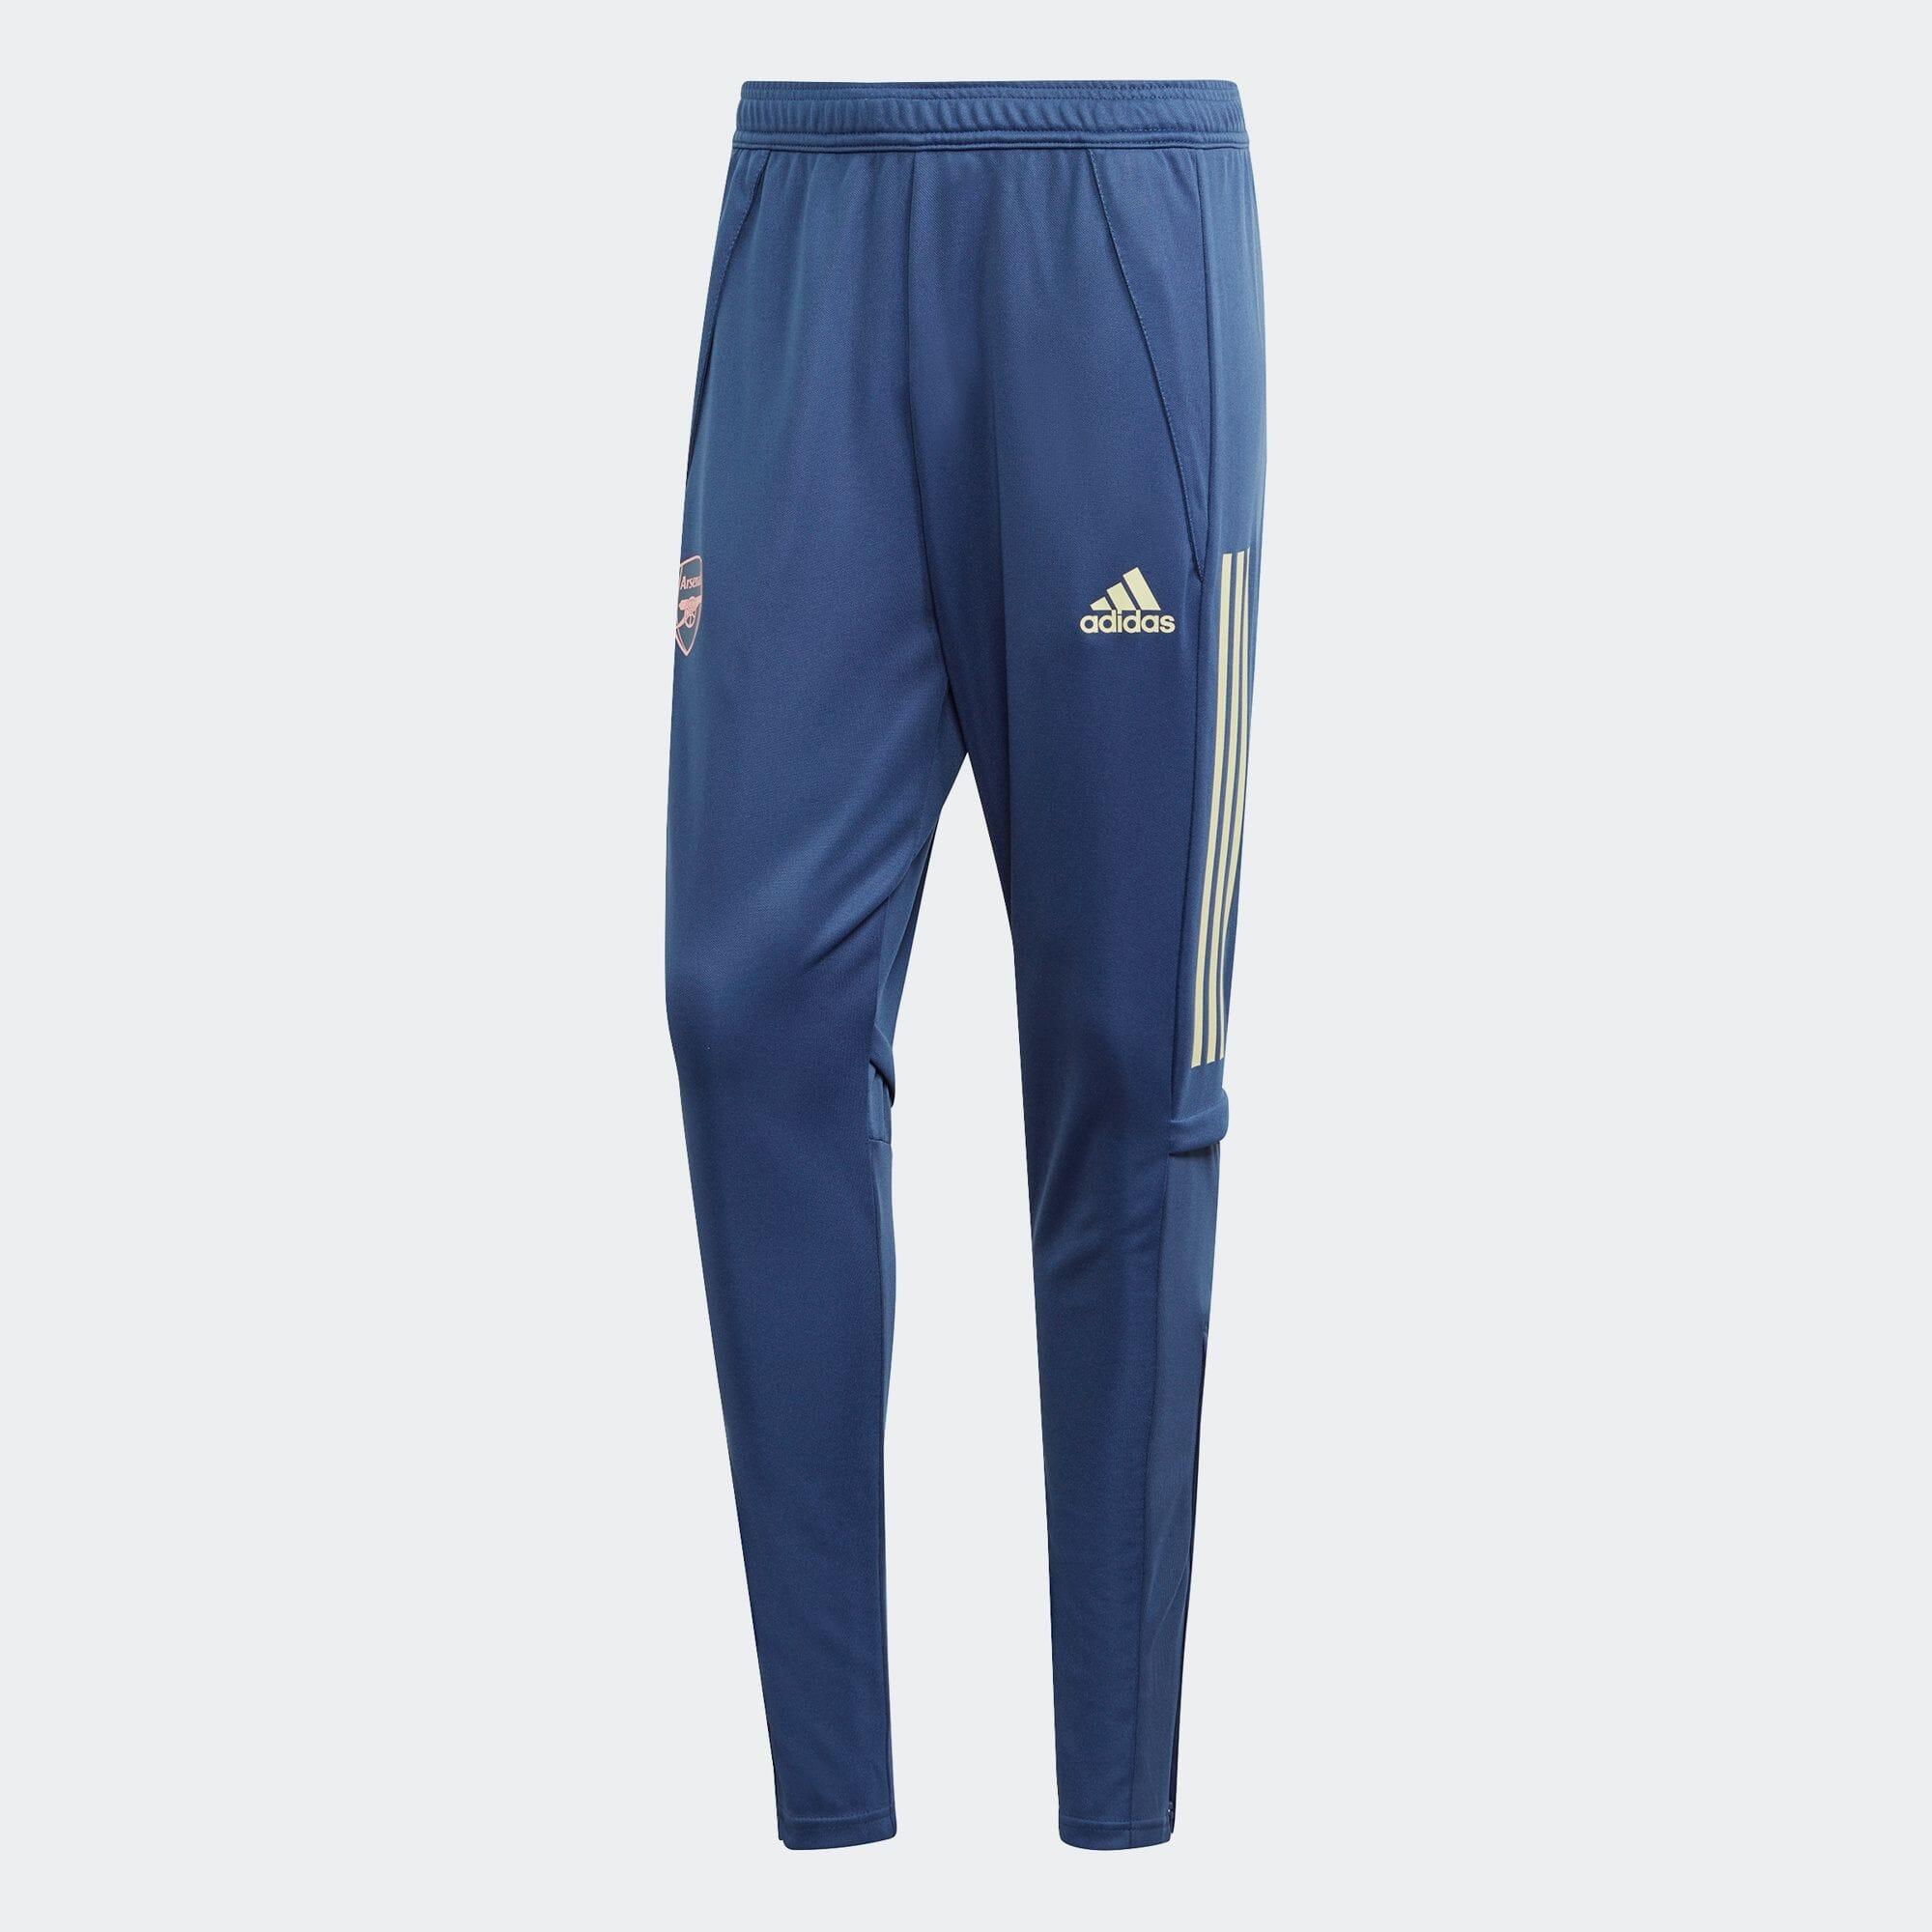 アーセナル トレーニング パンツ / Arsenal Training Pants